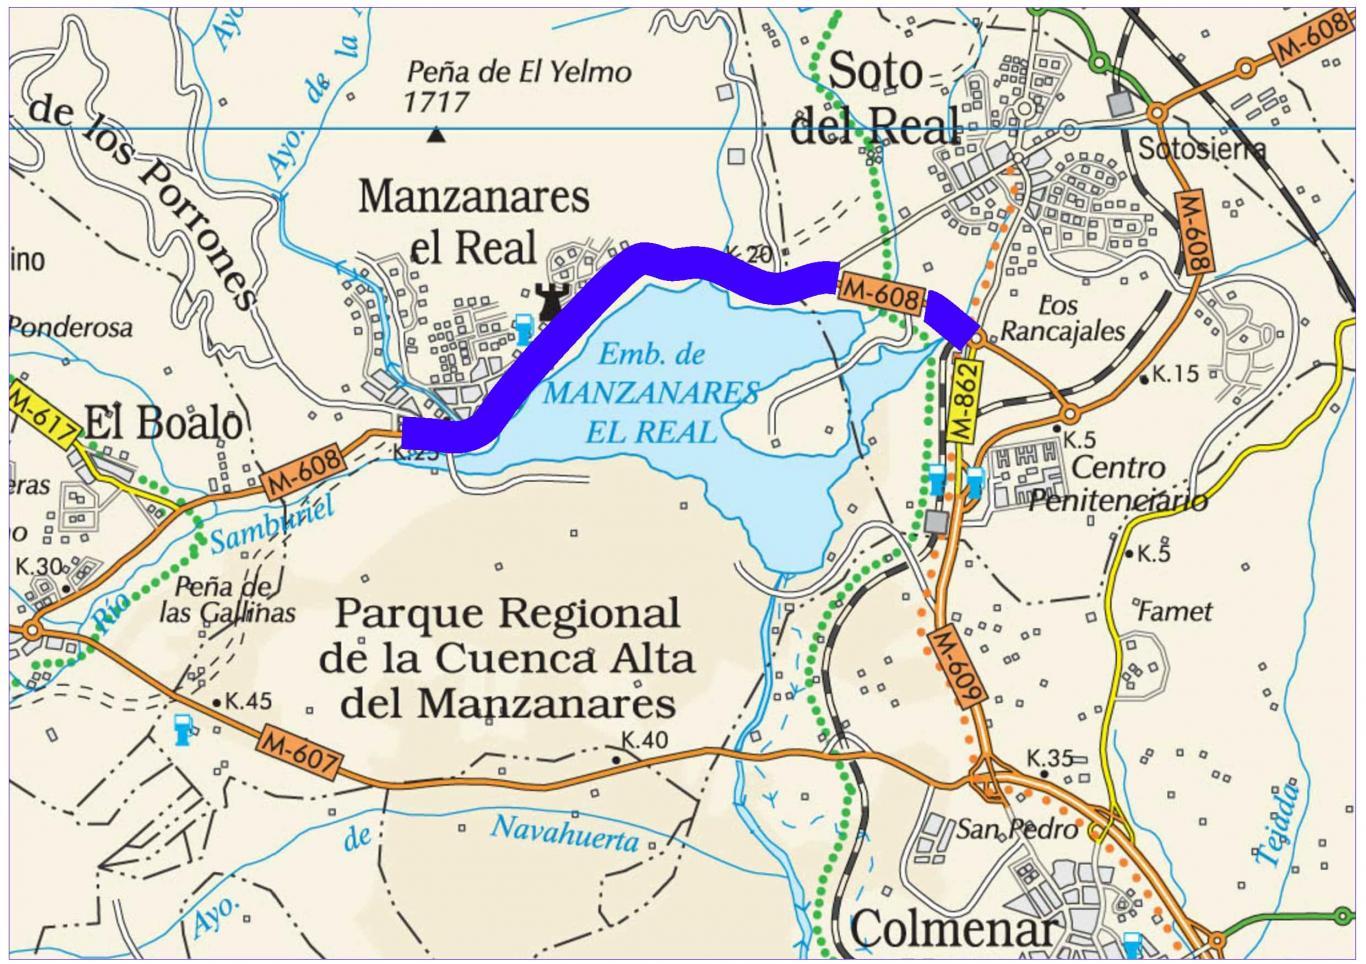 Plano de situación de la obra M-608 pk 18,000-25,500